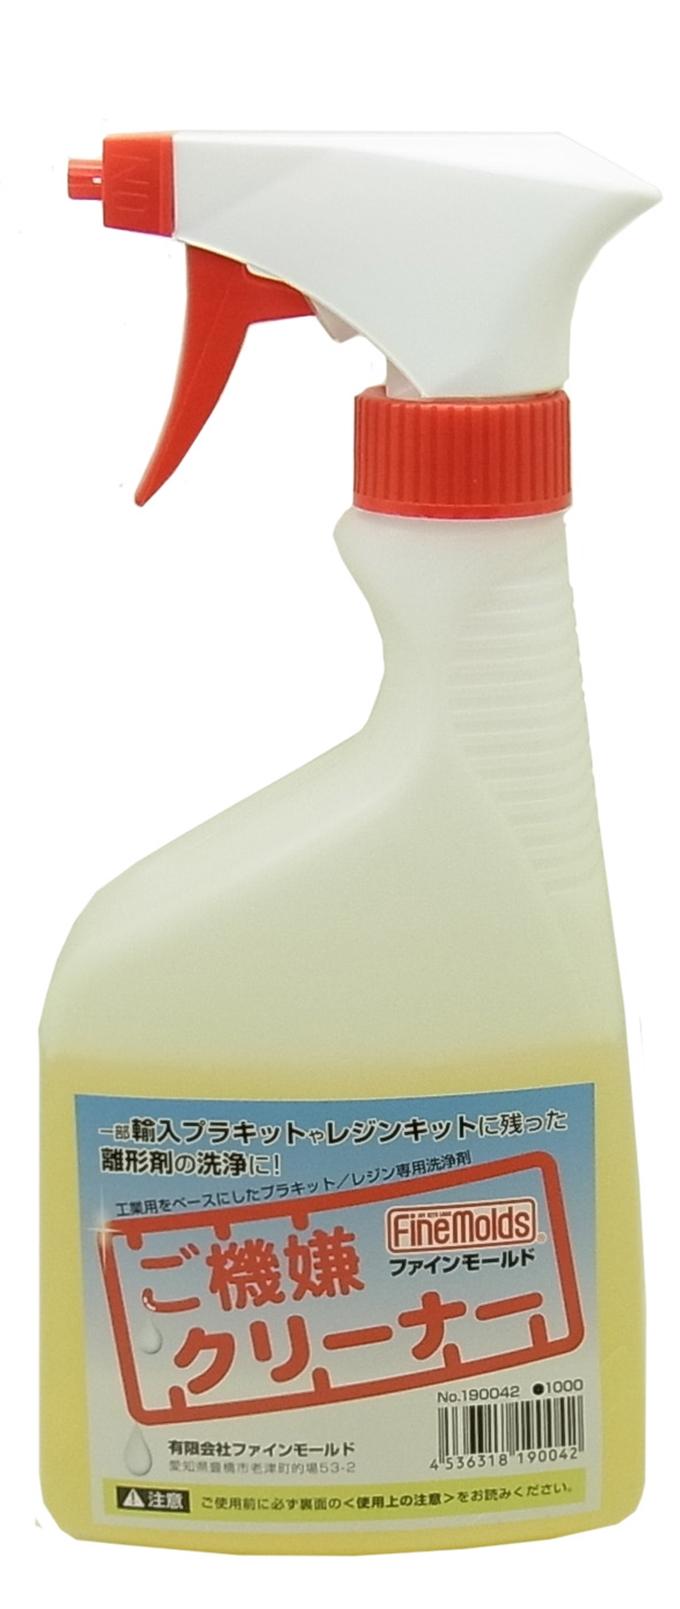 fm190042  離形剤の洗浄用 ご機嫌クリーナー 内容量400ml